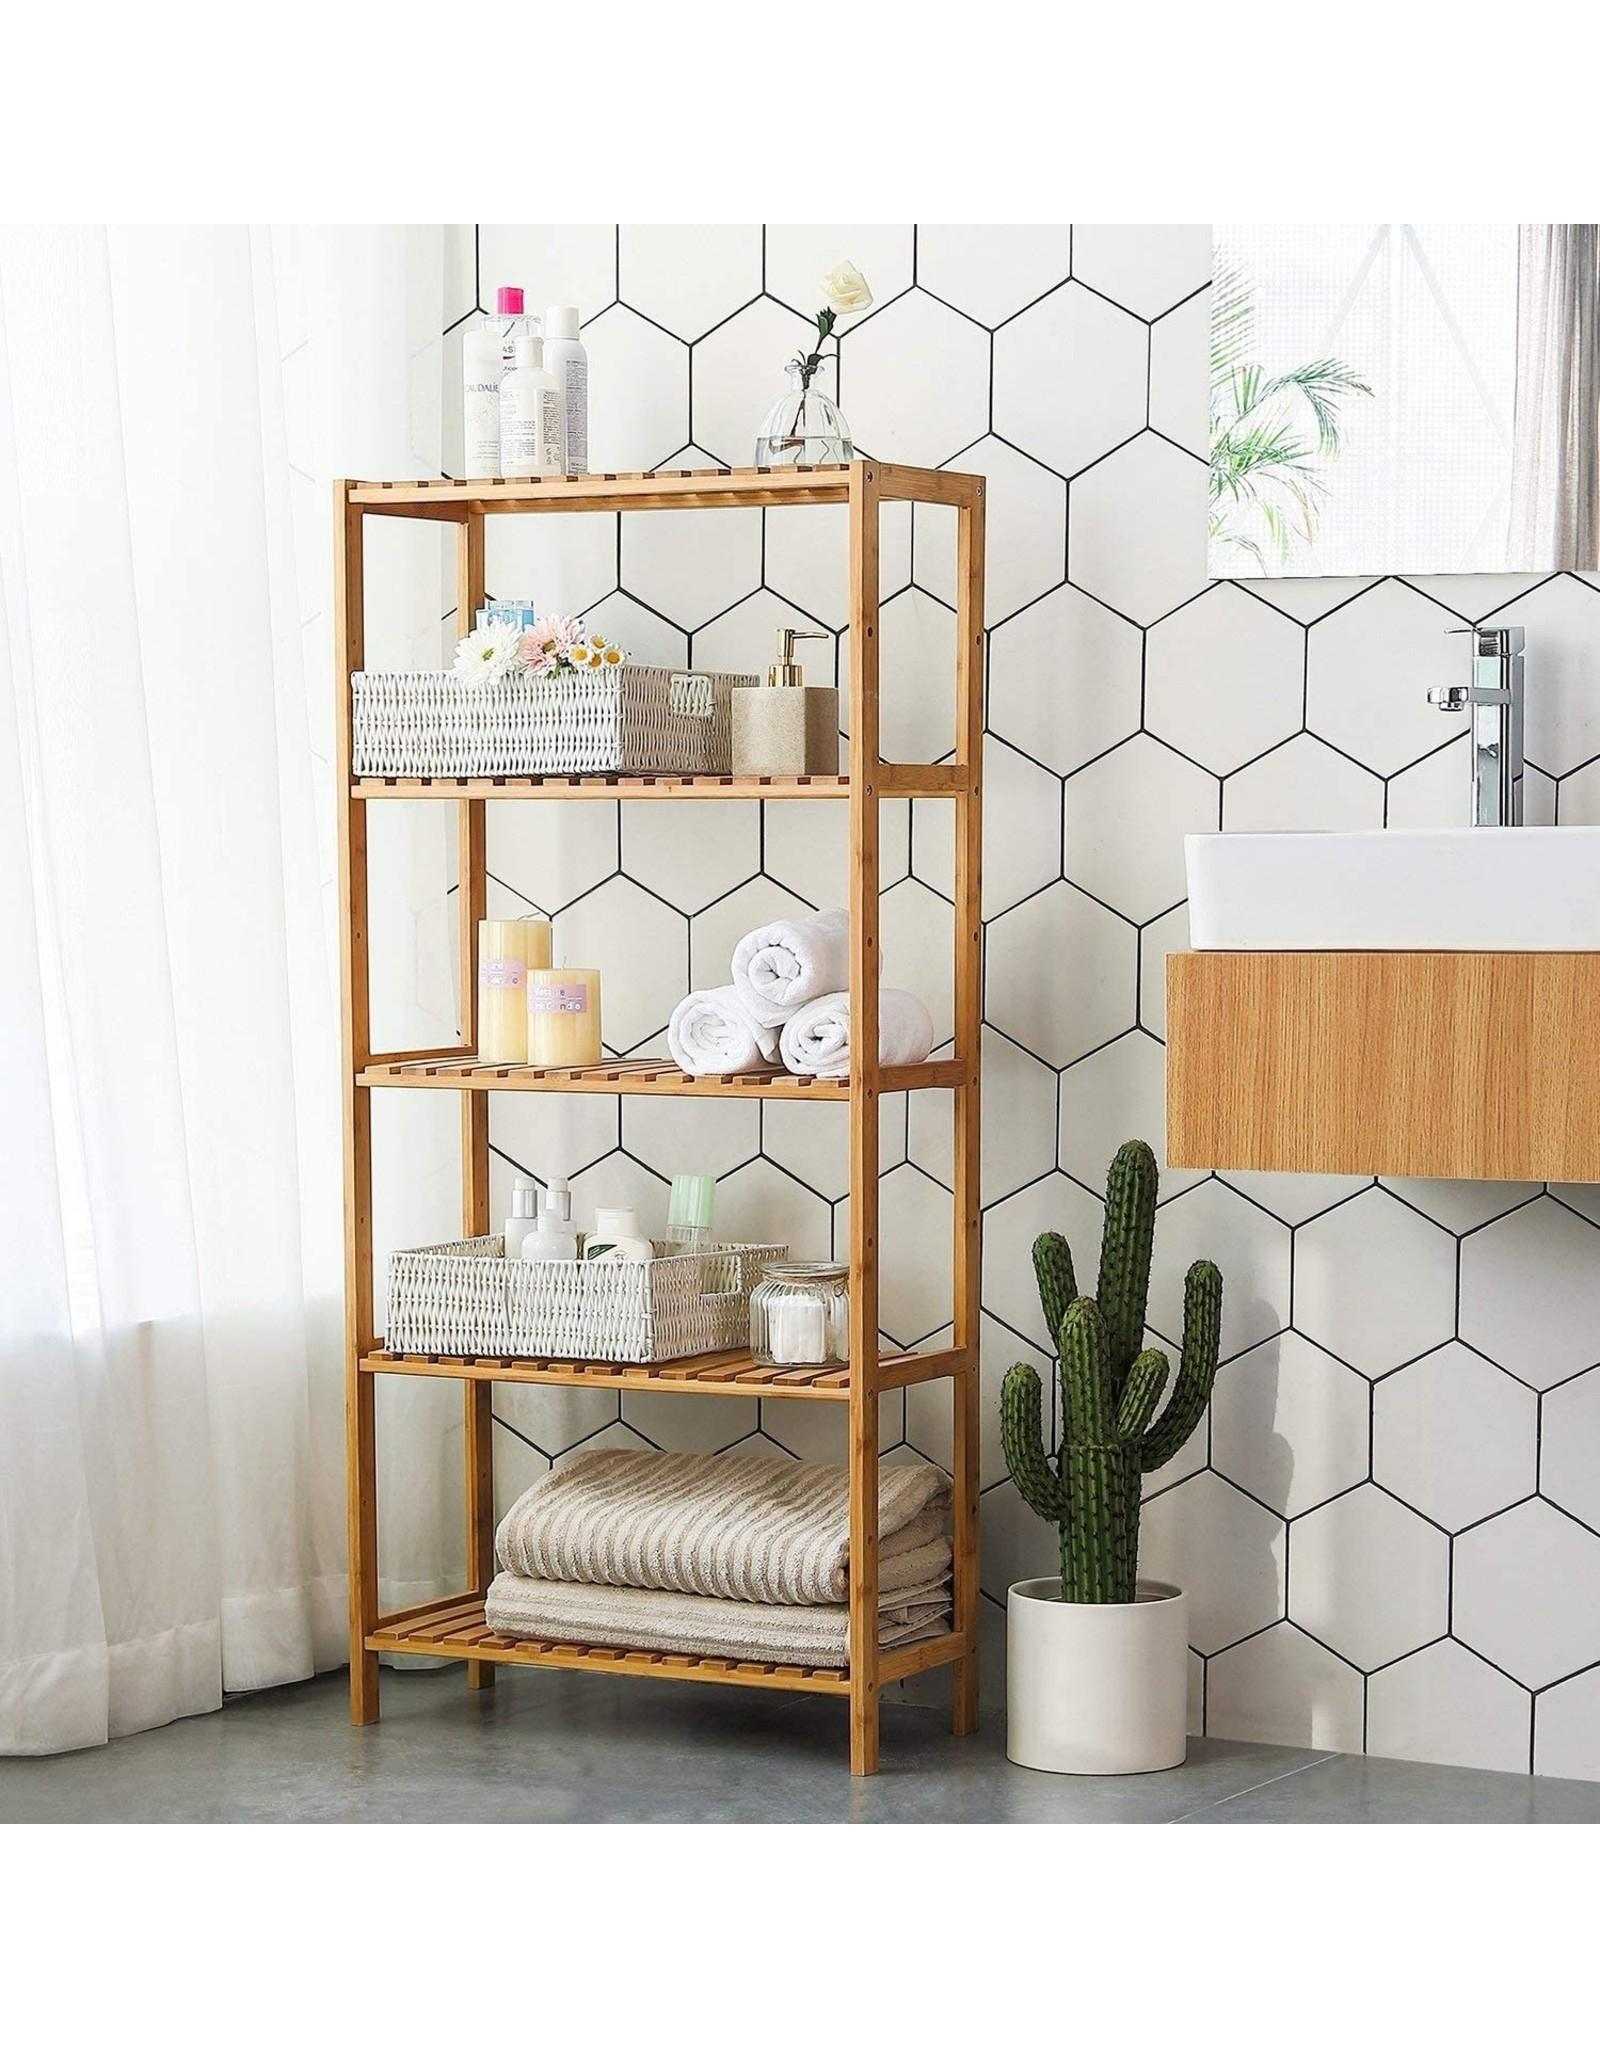 Parya Home Parya Home - Badkamer Rek met 5 Etages - Opbergrek met Verstelbare Planken - Bamboe